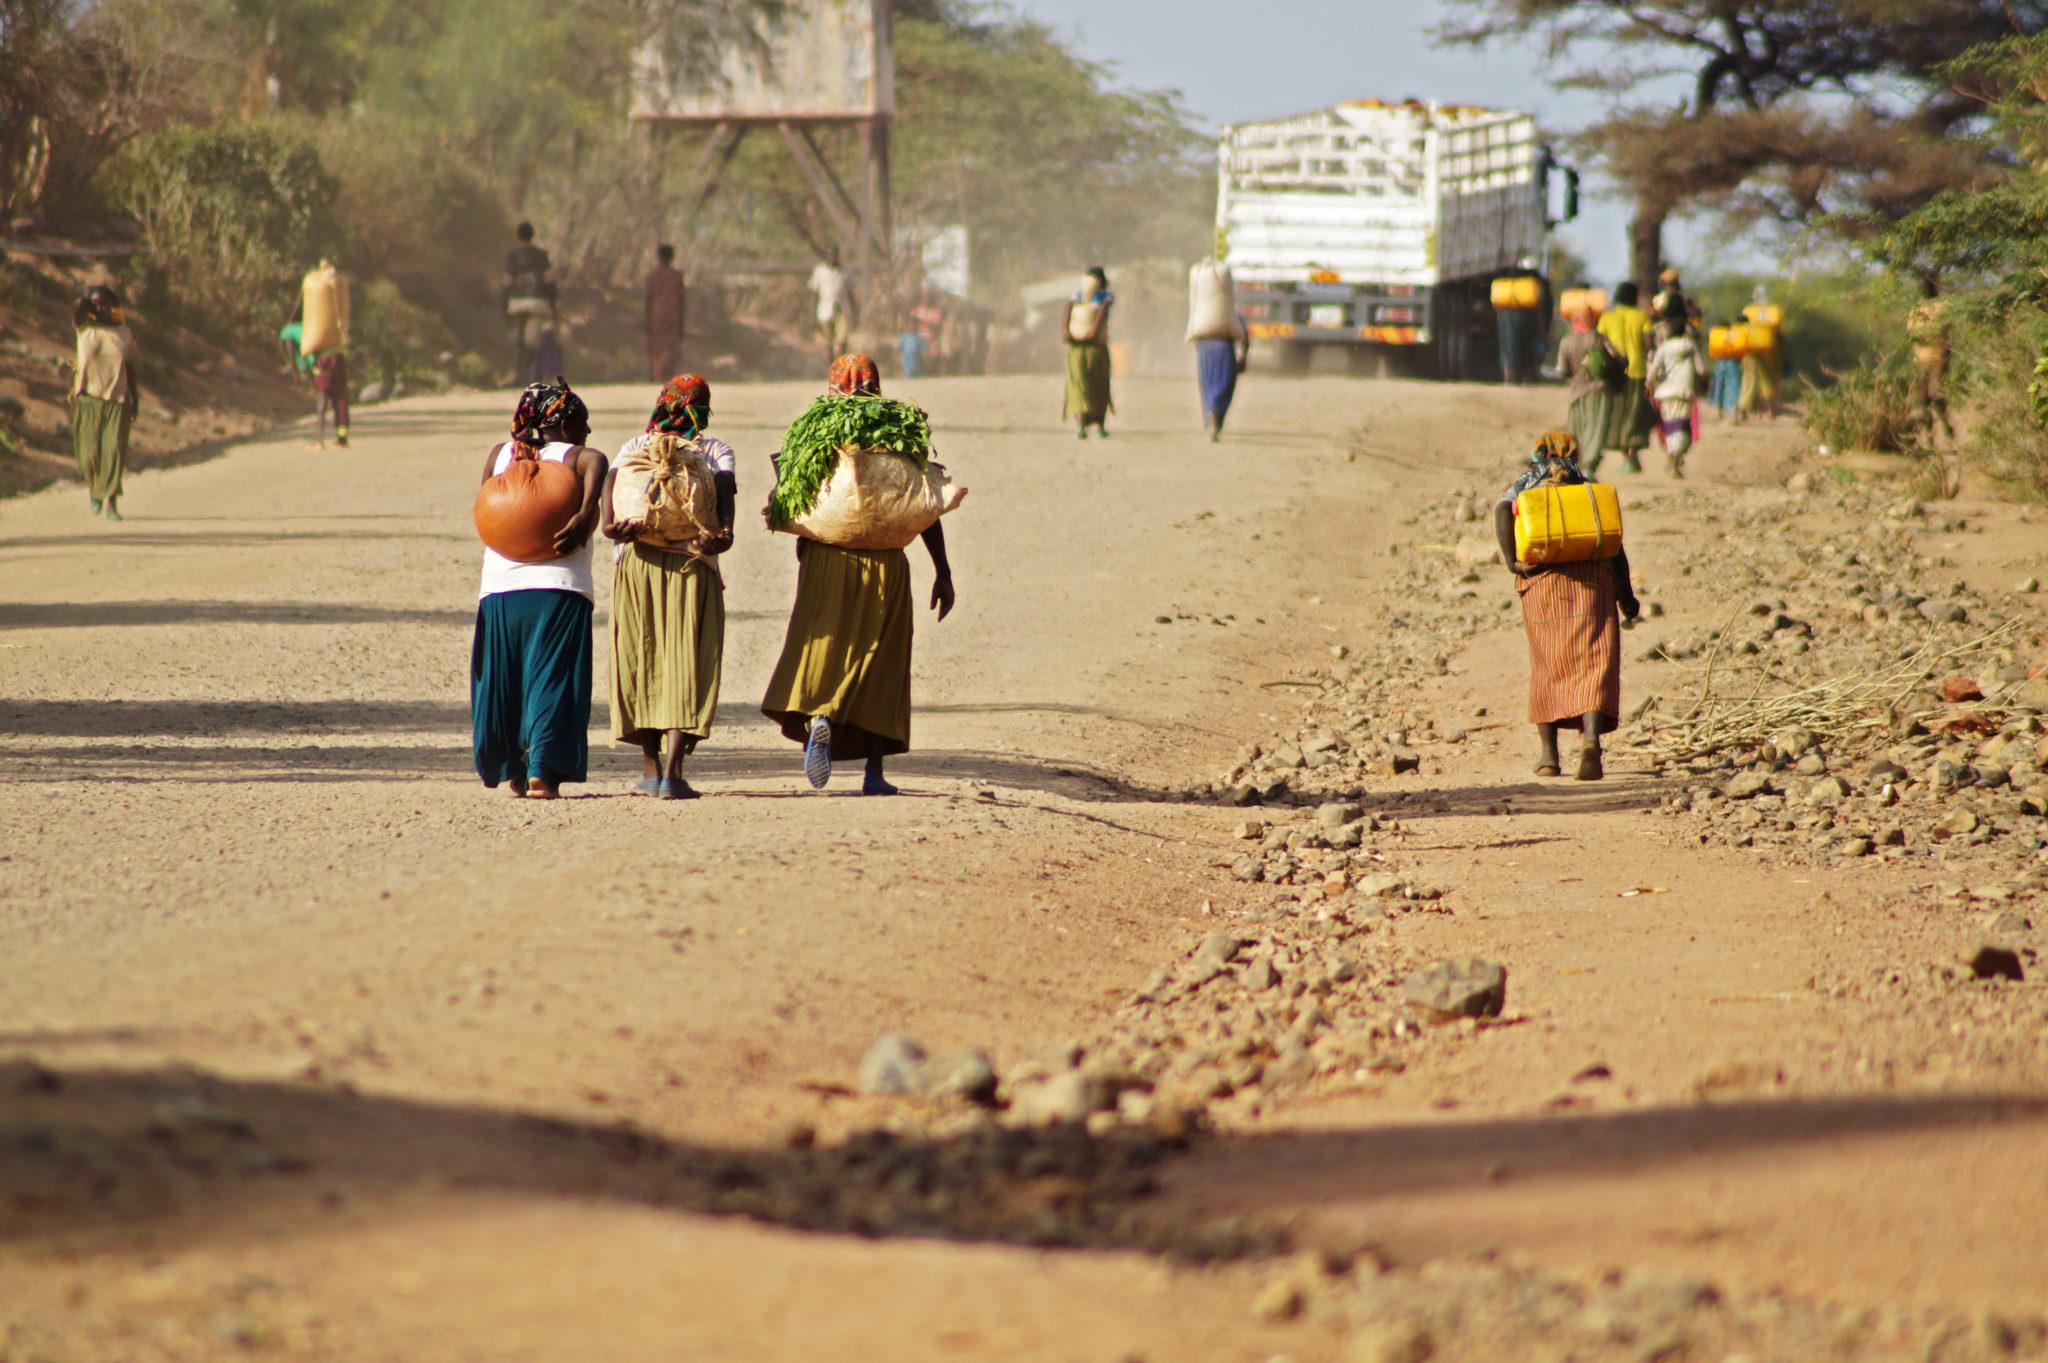 Eine Straße in Arba Minch auf dem Weg zum Menschenzoo in Südäthiopien